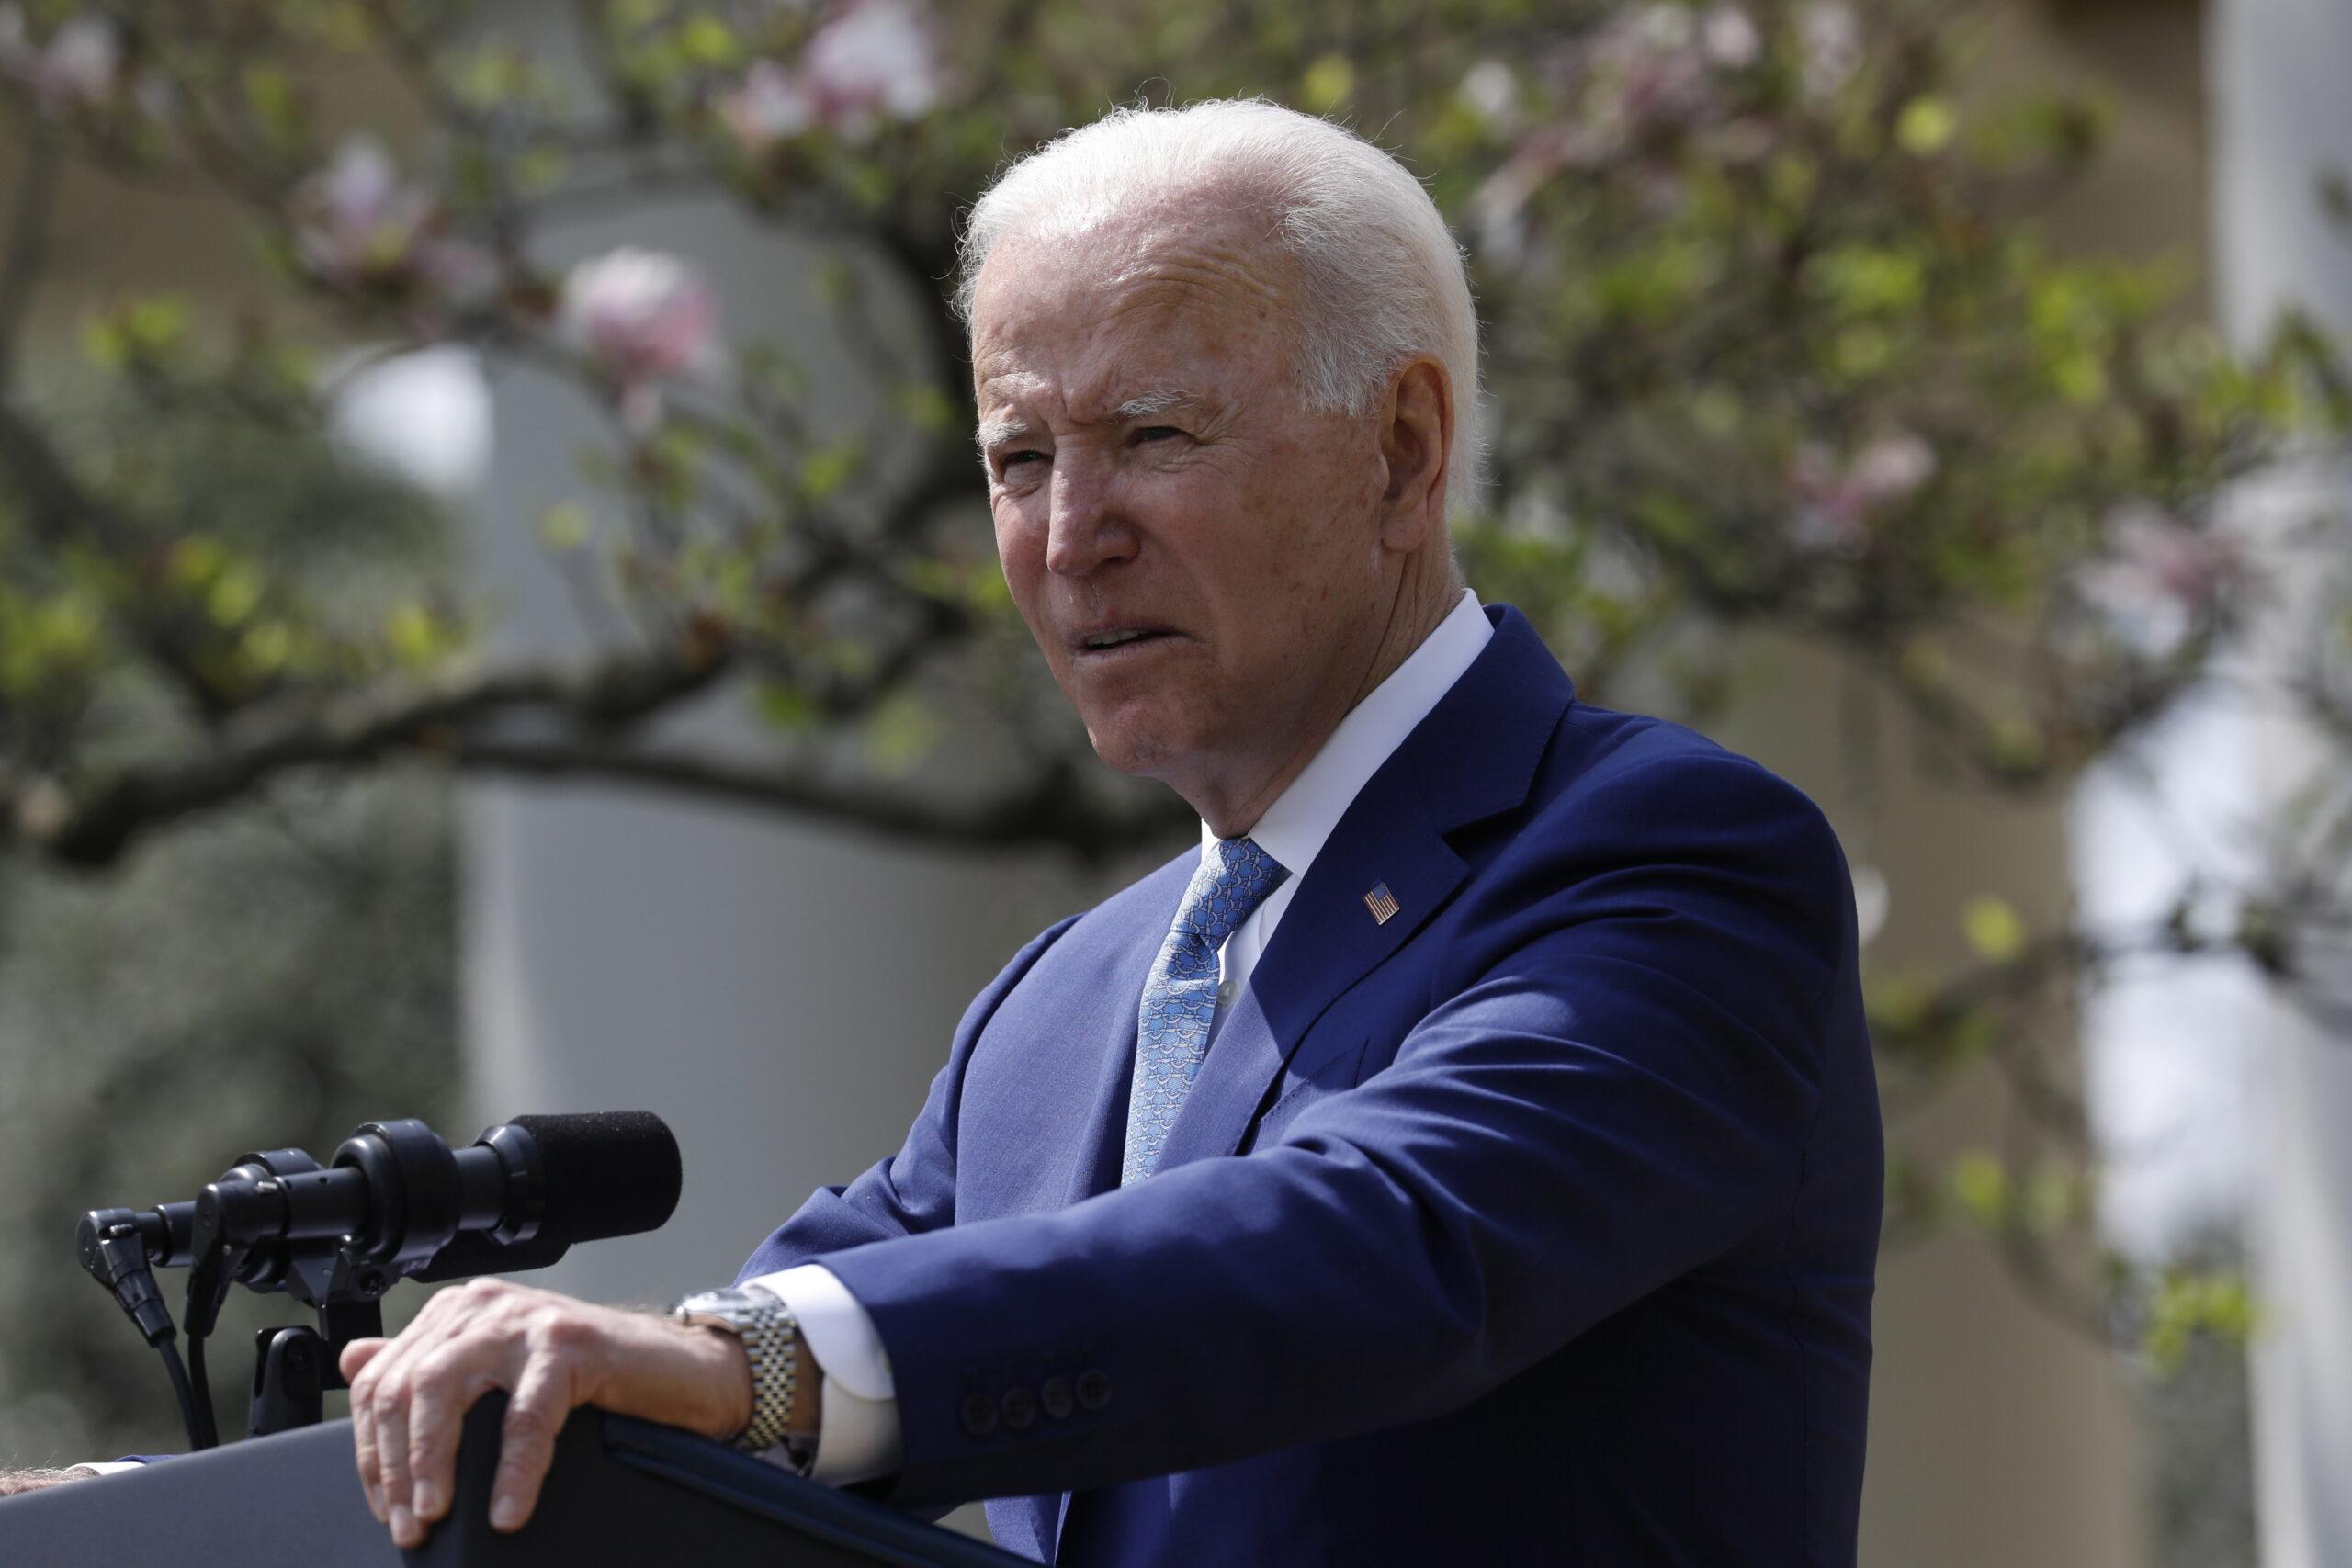 A republikánusok megállították Biden palesztin segélyét